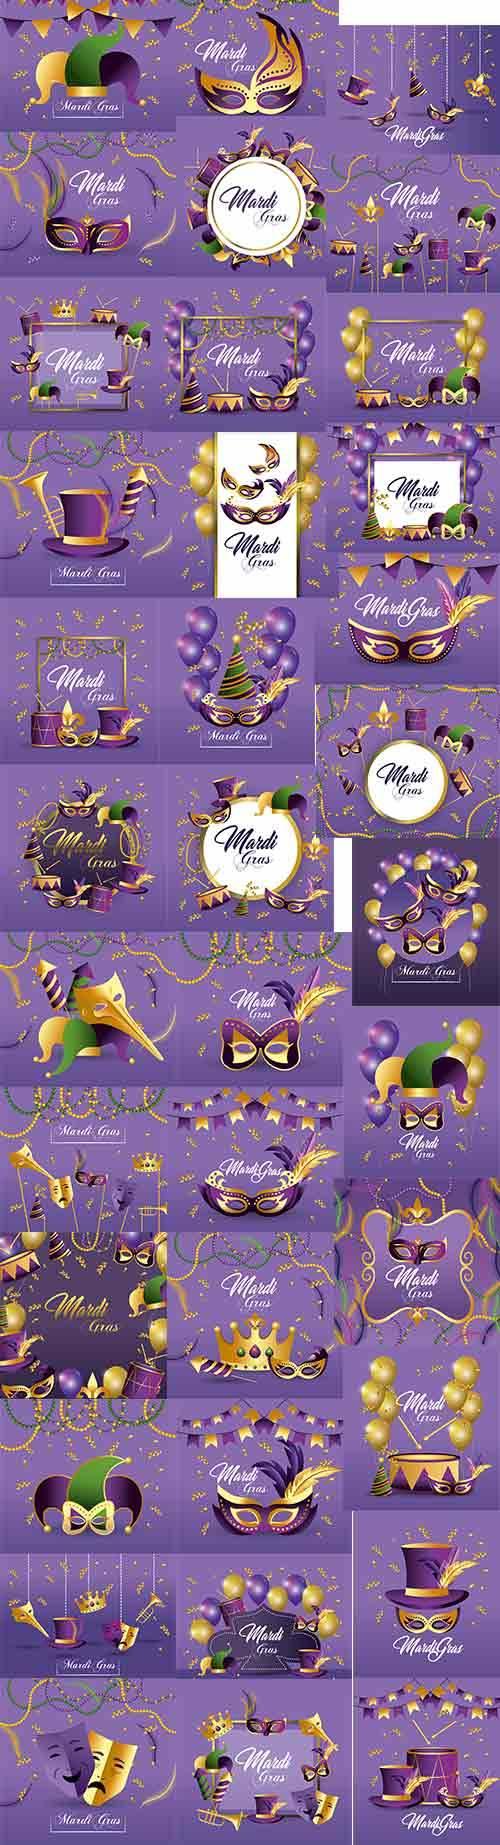 Весёлый карнавал - Векторный клипарт / Happy Carnival - Vector Graphics